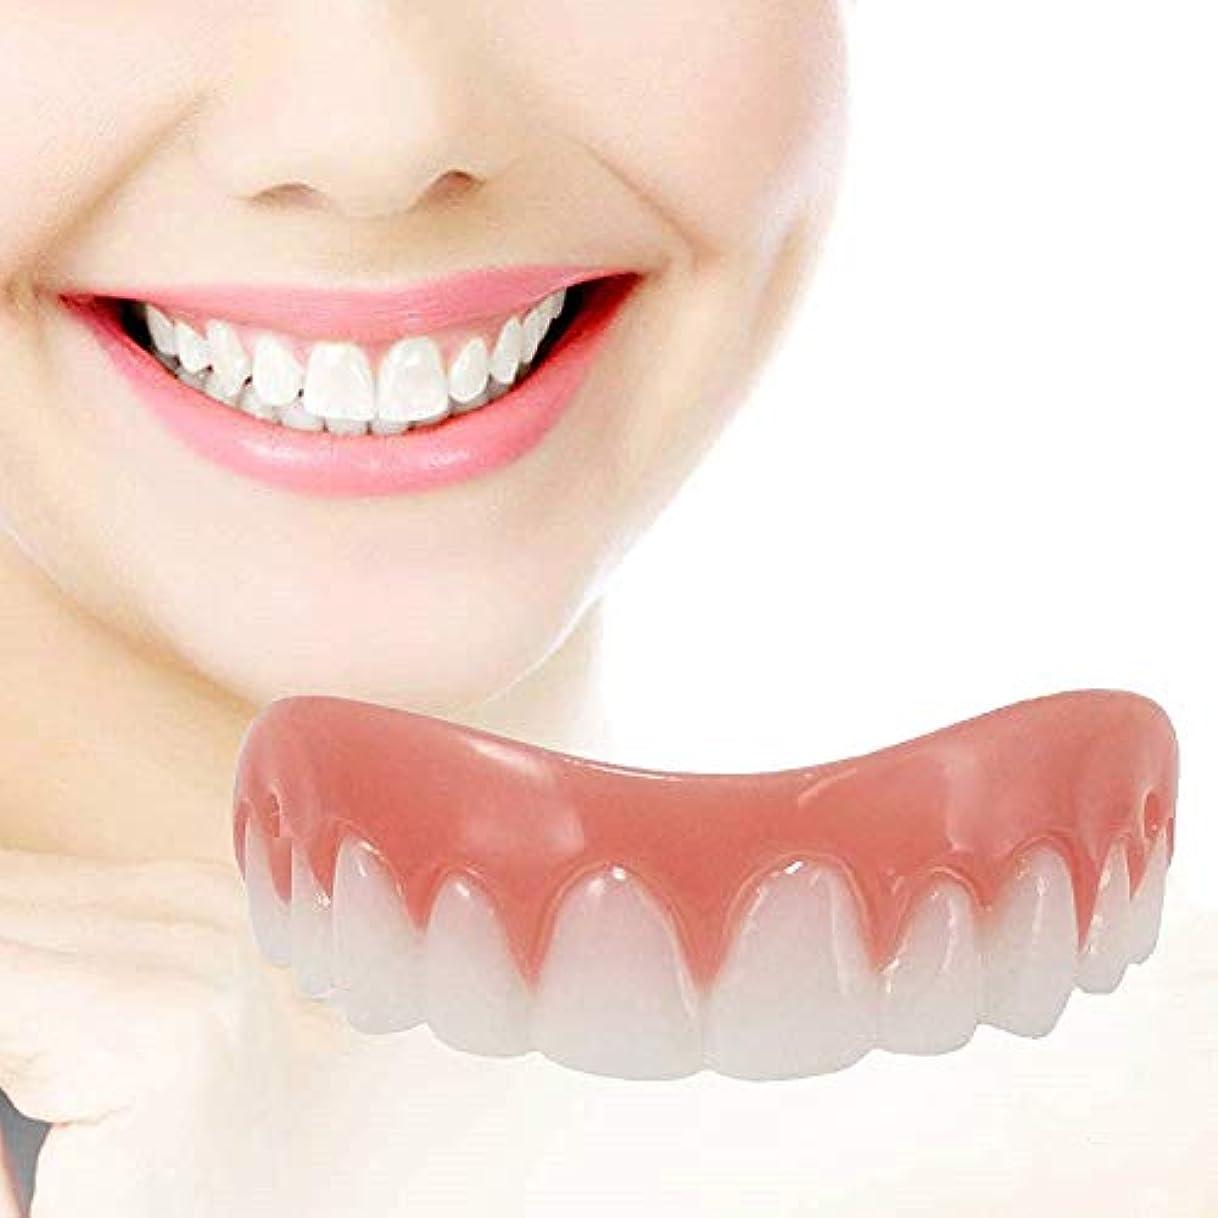 恐怖分子絞る女性、人のために白くなる即刻のベニヤの義歯の微笑の慰めの適合の屈曲の化粧品の偽歯